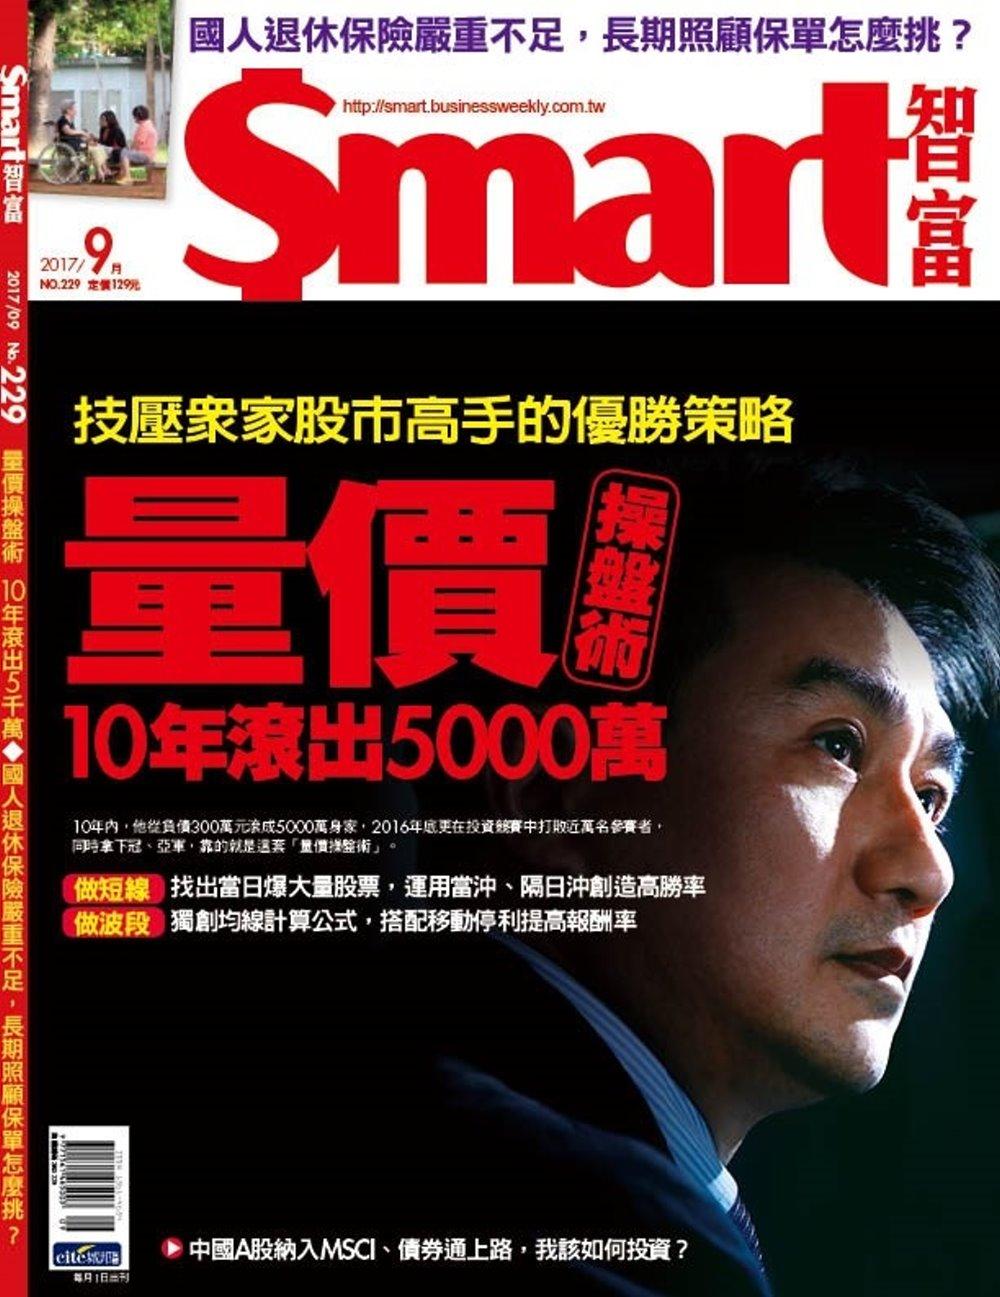 Smart智富月刊 9月號/2017 第229期